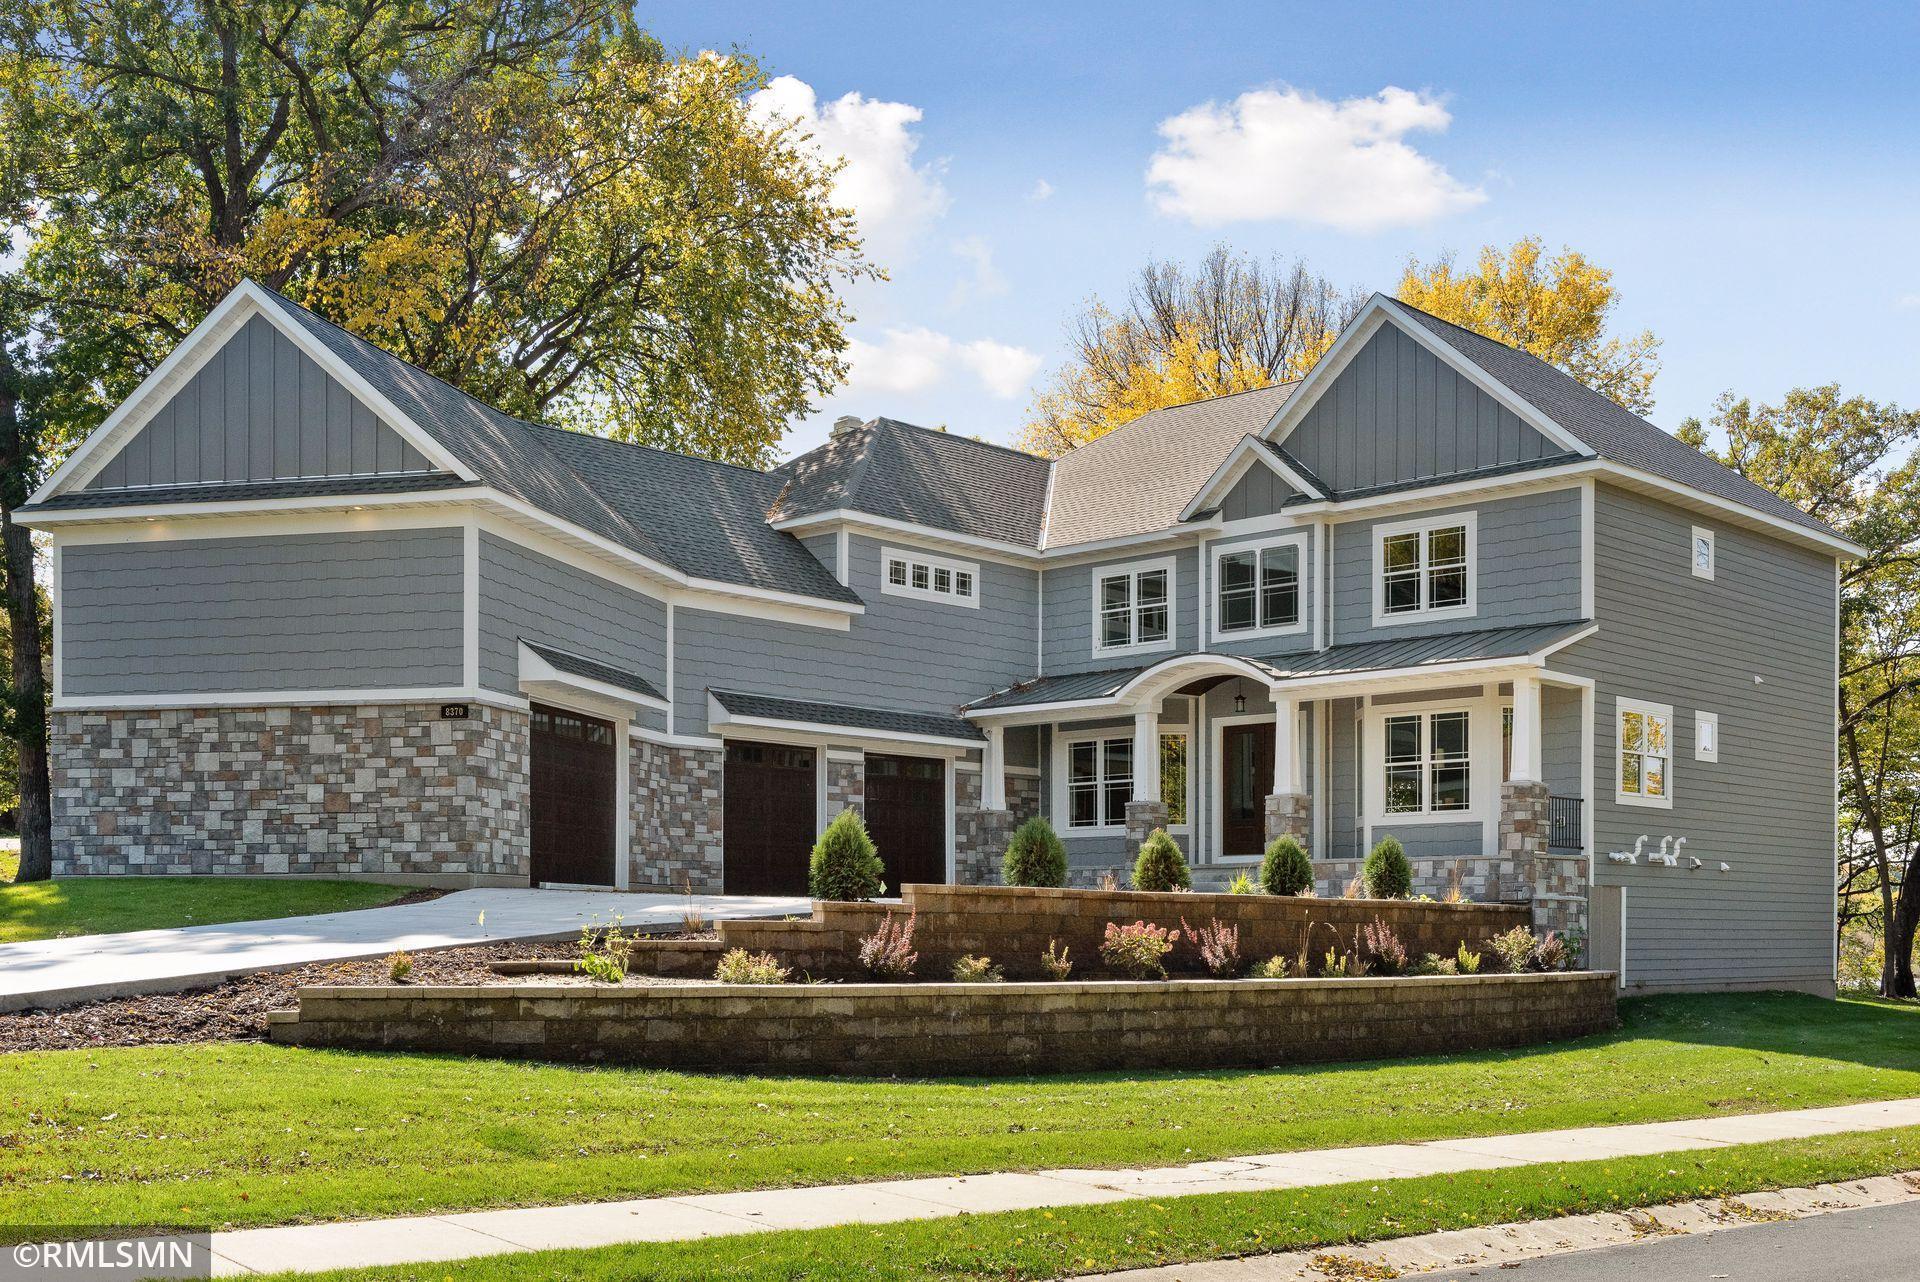 8370 Seneca Pointe Property Photo - Eden Prairie, MN real estate listing